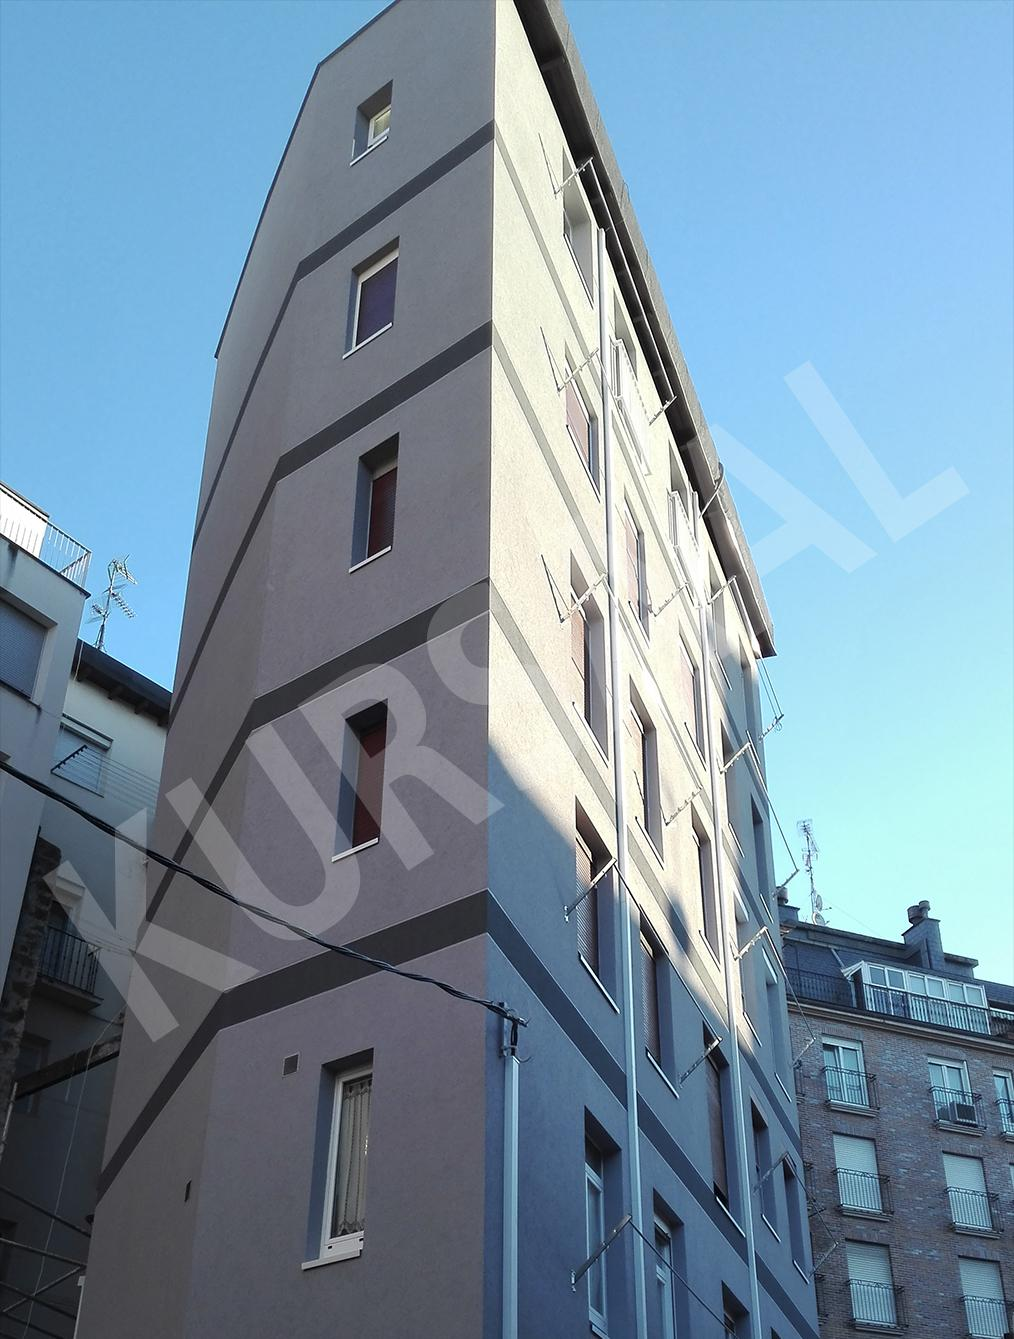 foto 4 - Aislamientos Térmicos y Eficiencia Energética-Egia 24 BIS-DONOSTIA, GIPUZKOA